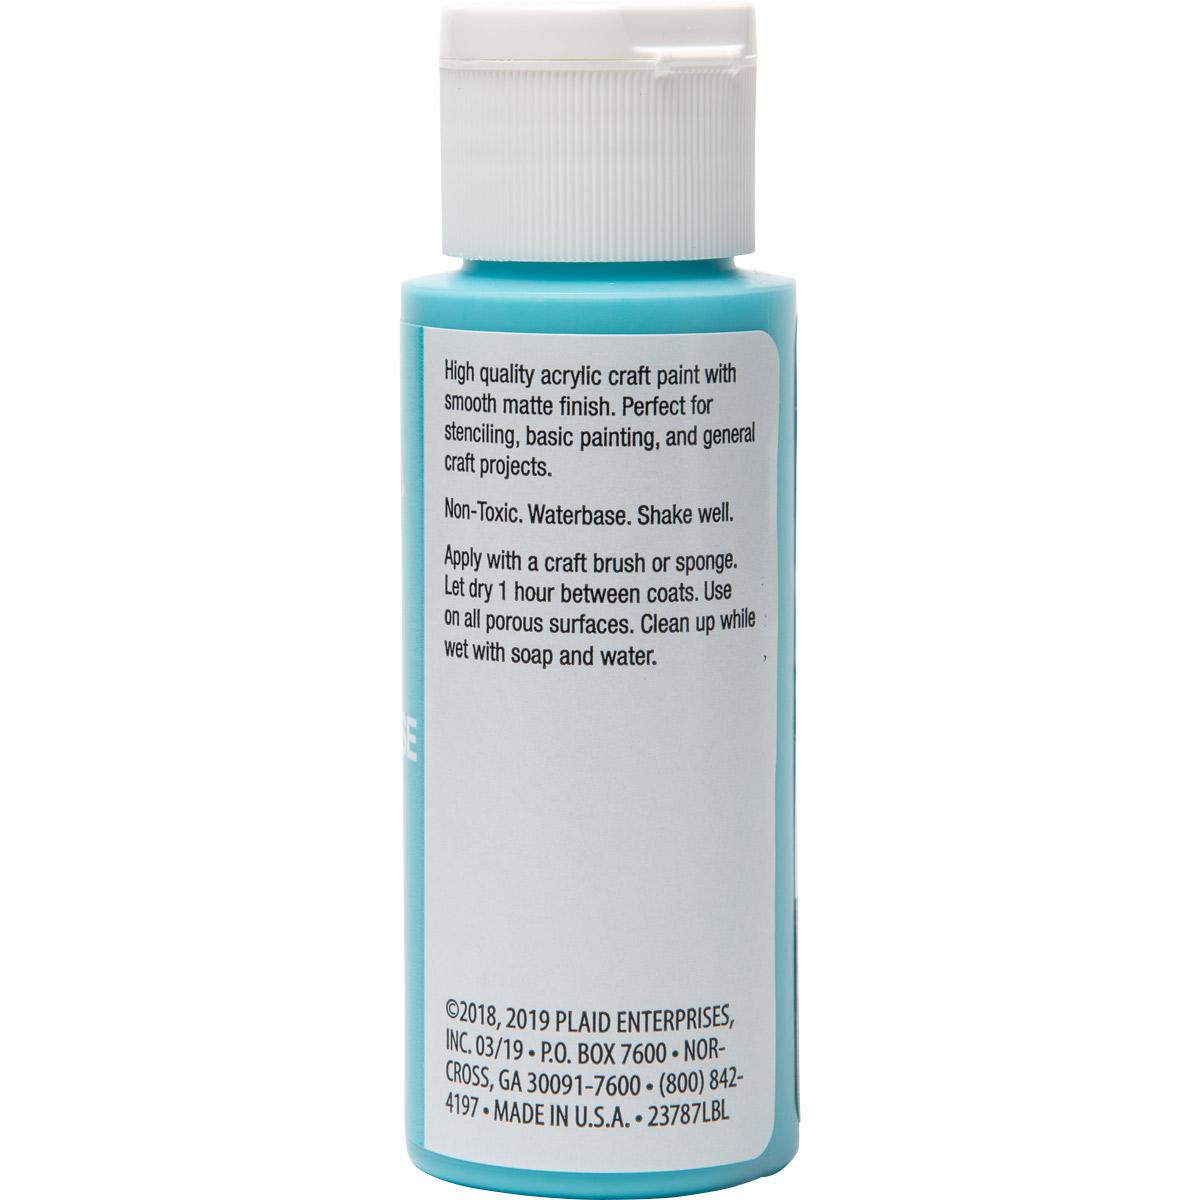 Plaid ® Painter's Palette™ Acrylic Paint - Light Turquoise, 2 oz. - 23787